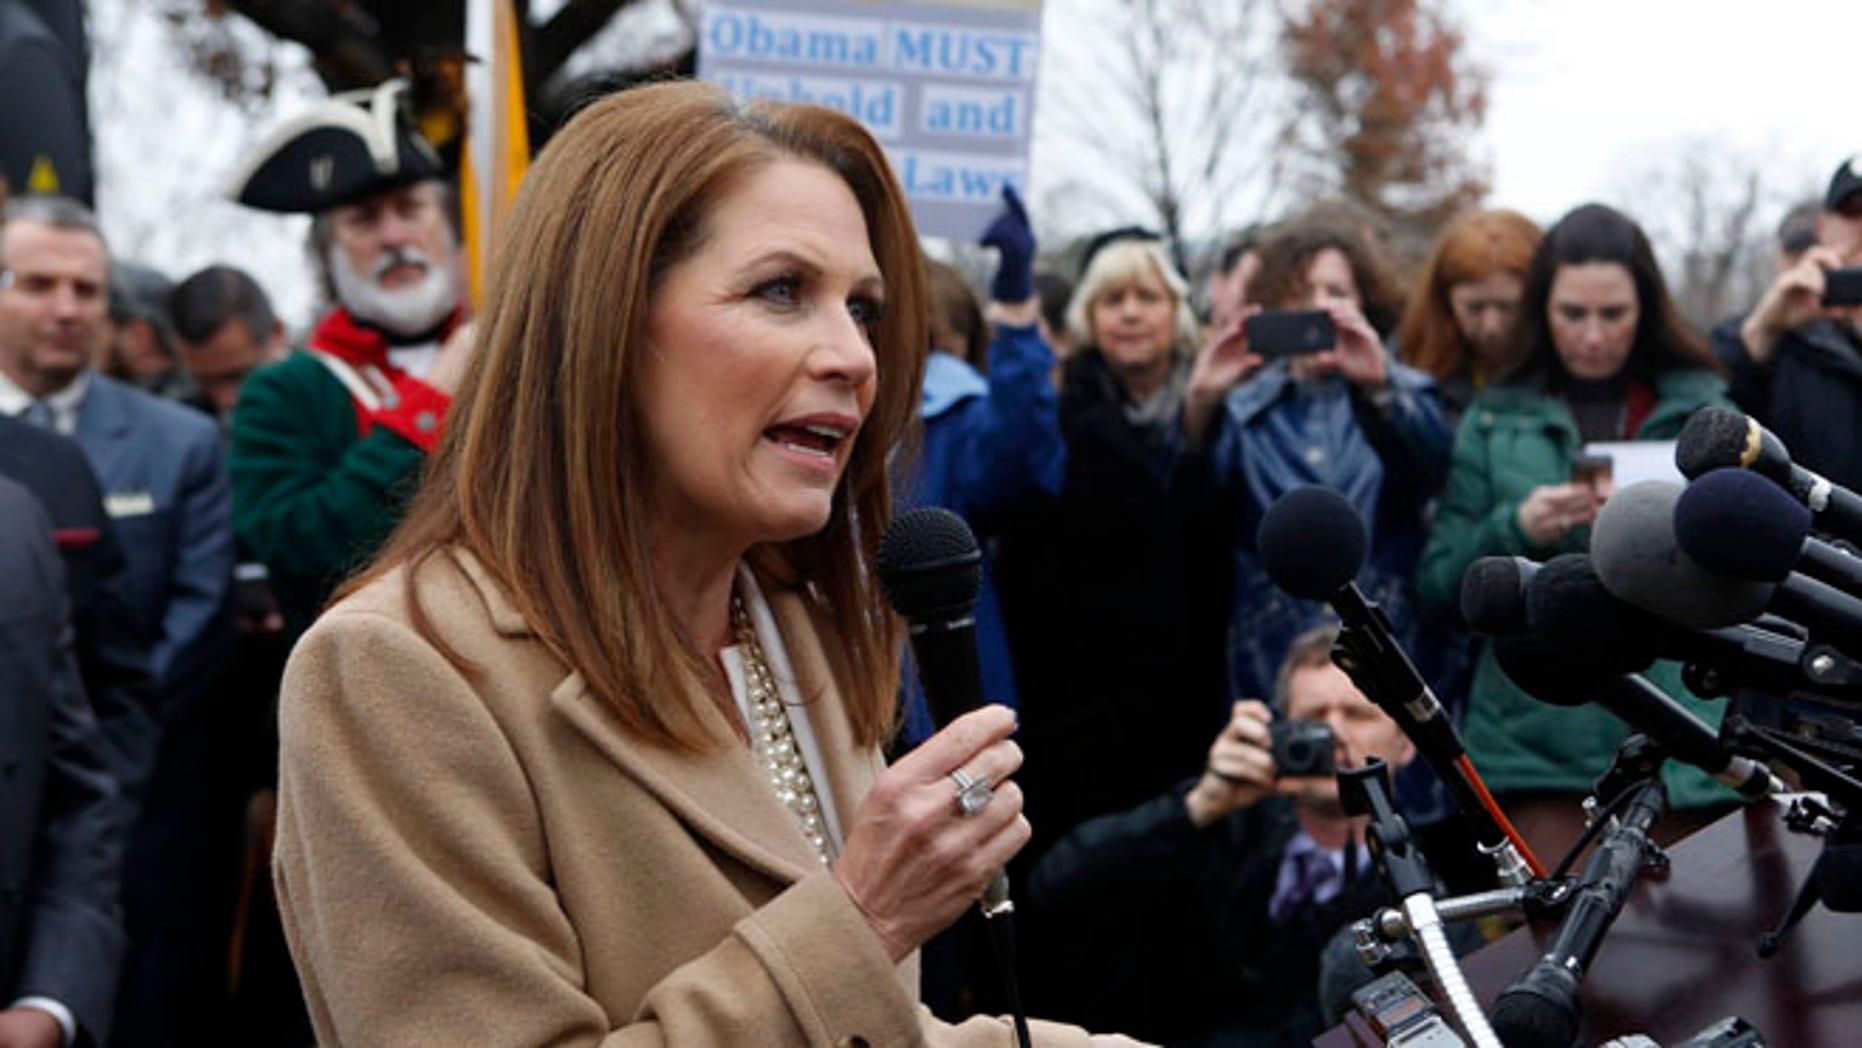 FILE: Dec. 3, 2014: Rep. Michele Bachmann, R-Minn., on Capitol Hill in Washington, D.C.